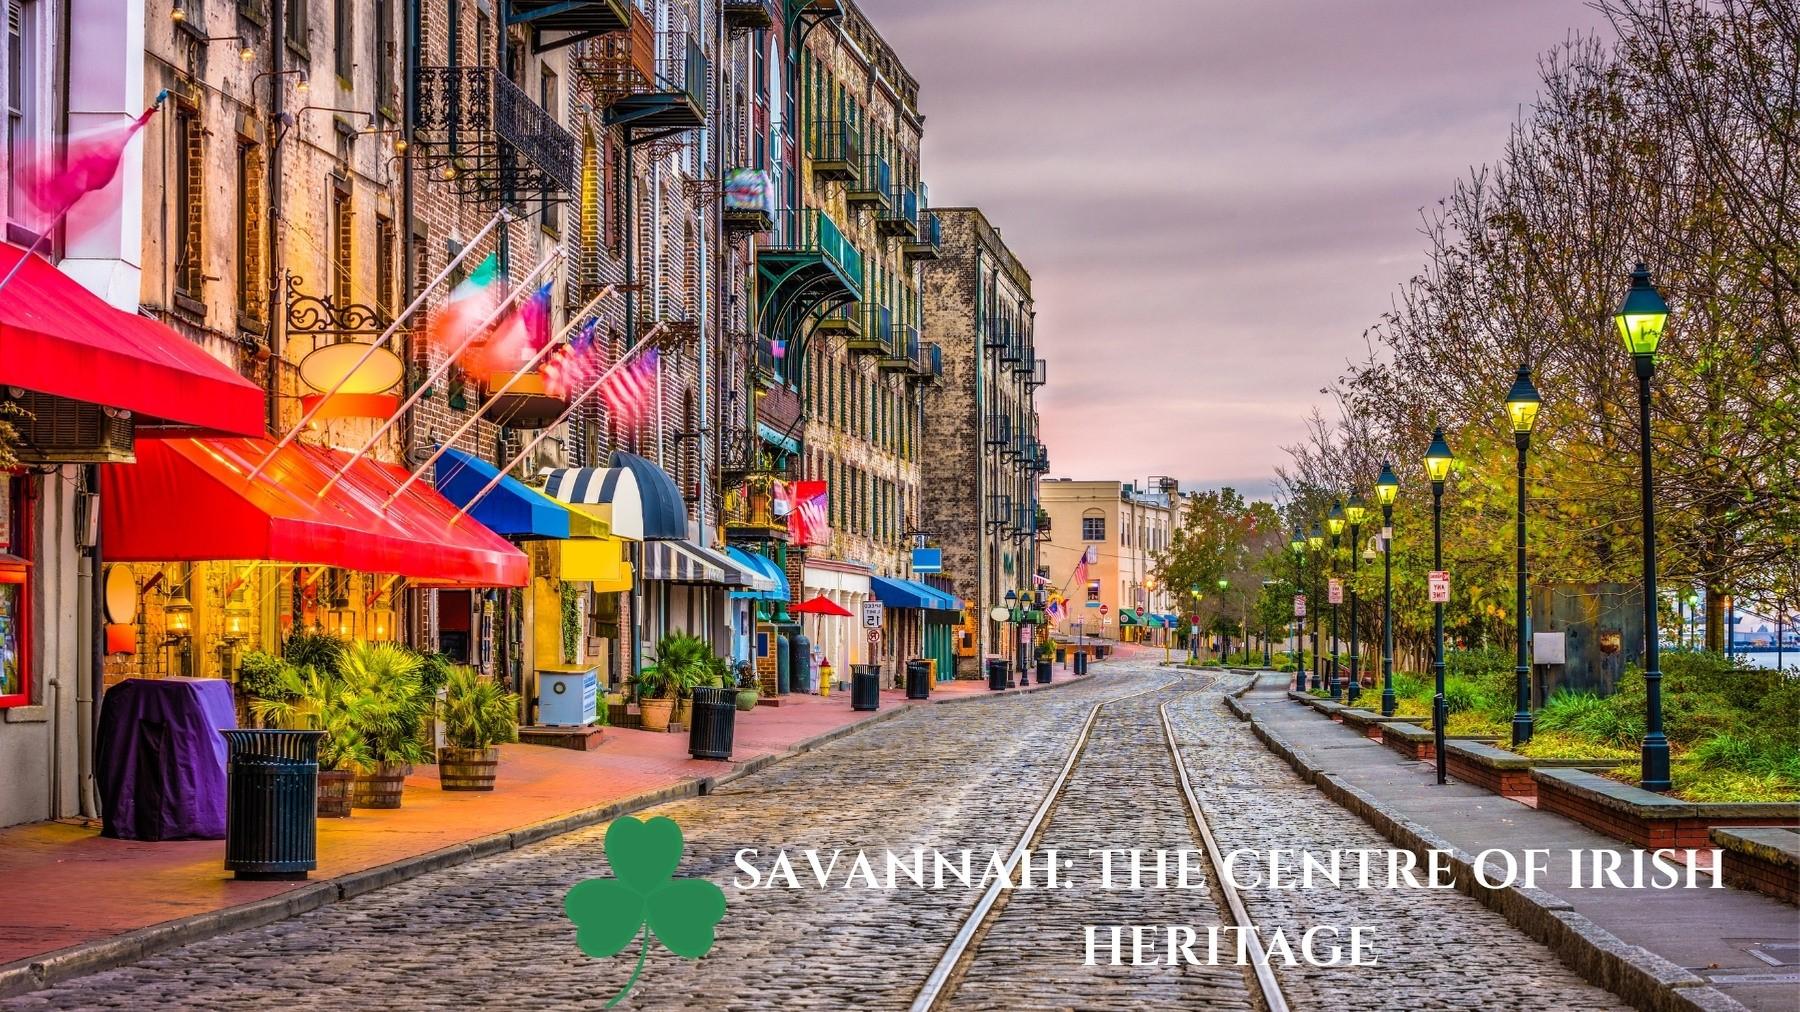 Grand Savannah St. Patrick's Day parade 2021